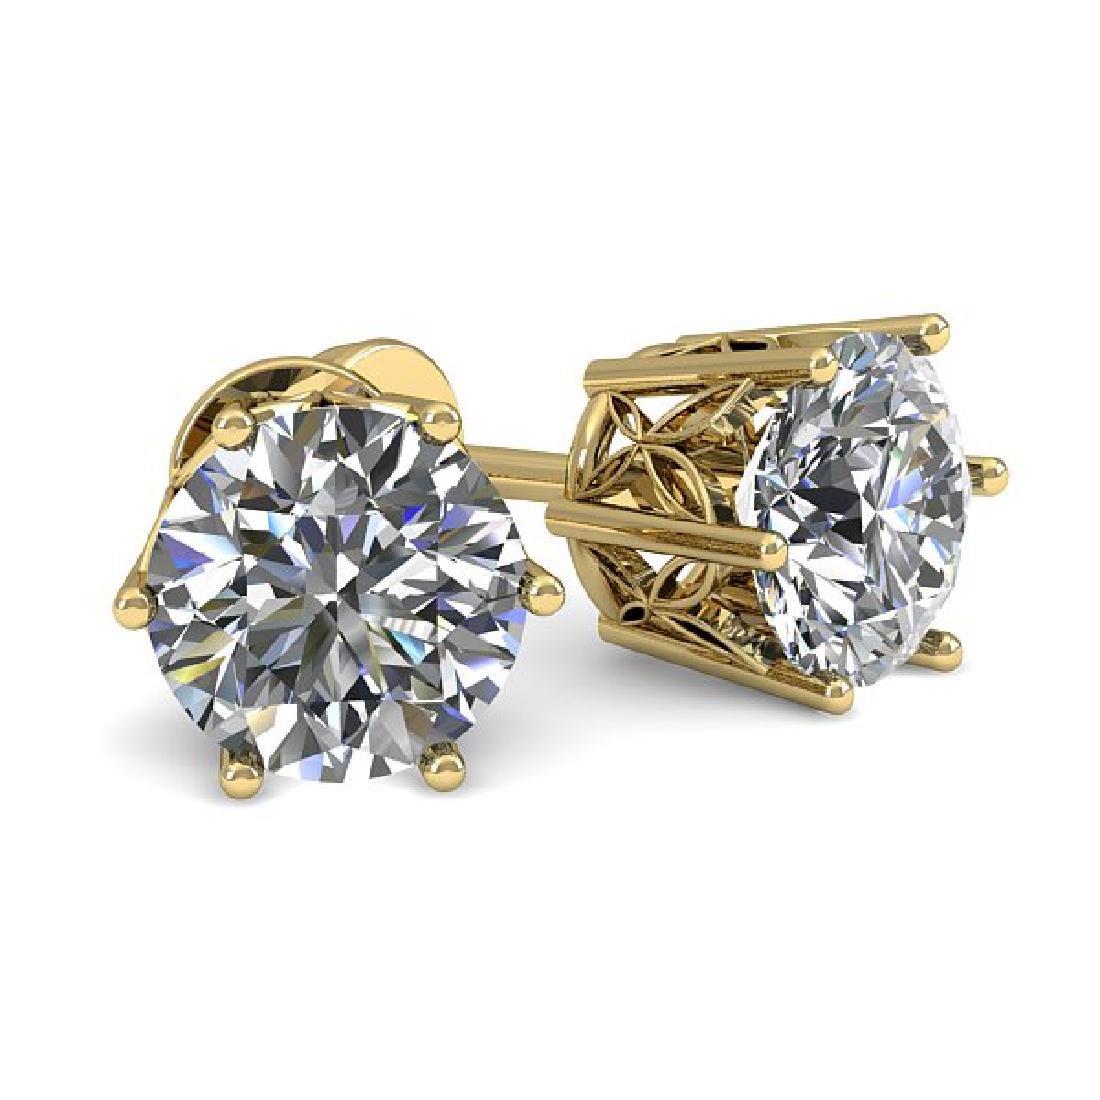 0.53 CTW Certified VS/SI Diamond Stud Art Deco Earrings